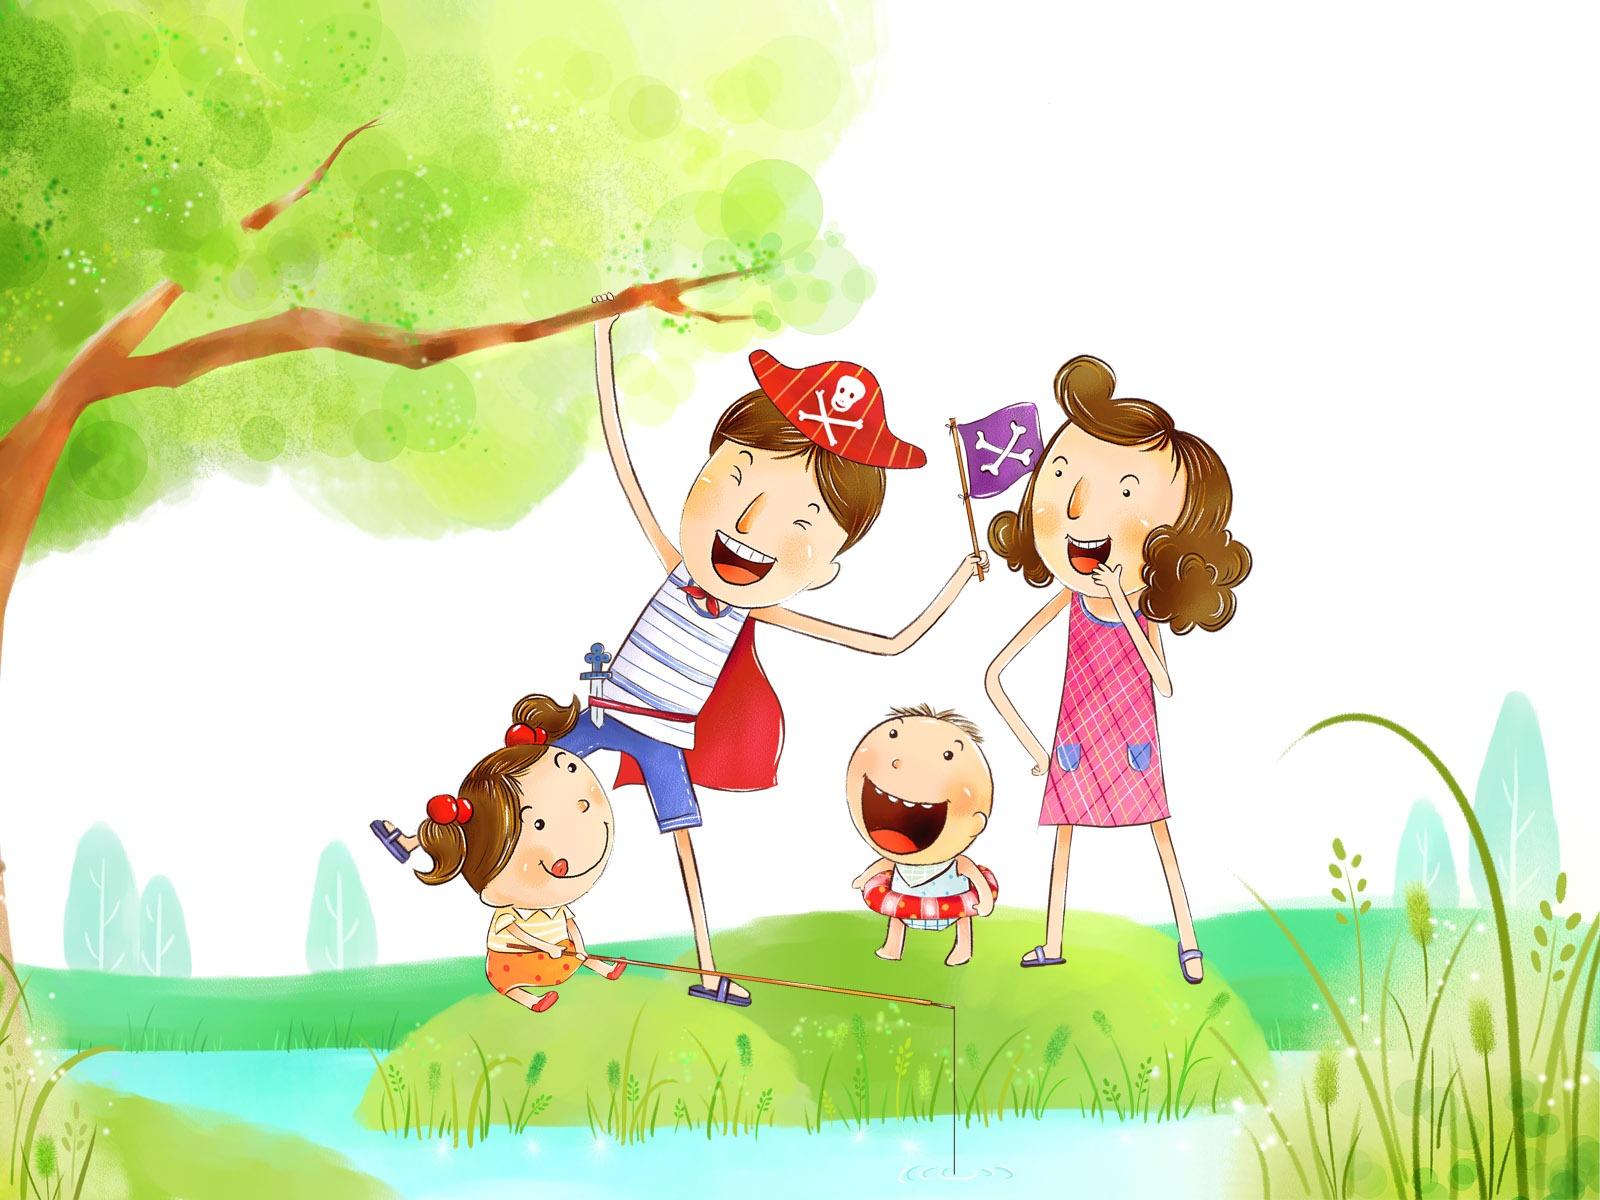 Картинка спортивная для детей